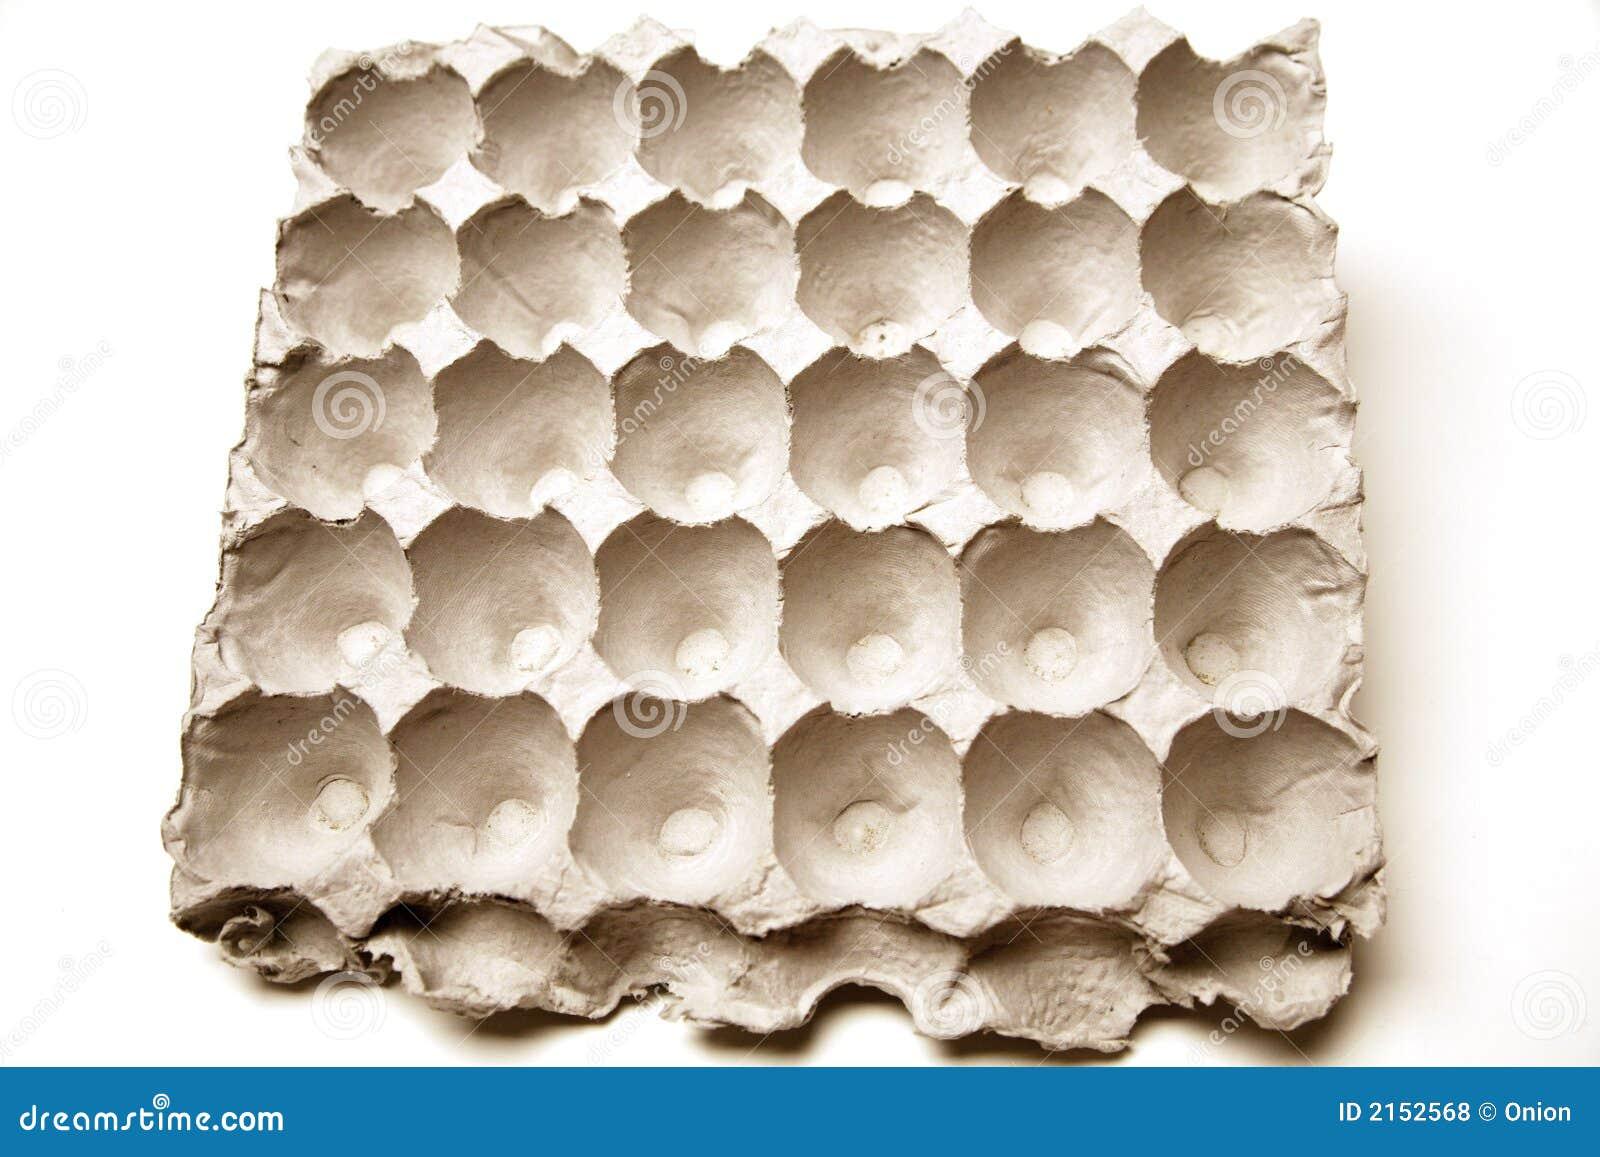 Empty Egg Carton Royalty Free Stock Photos - Image: 2152568